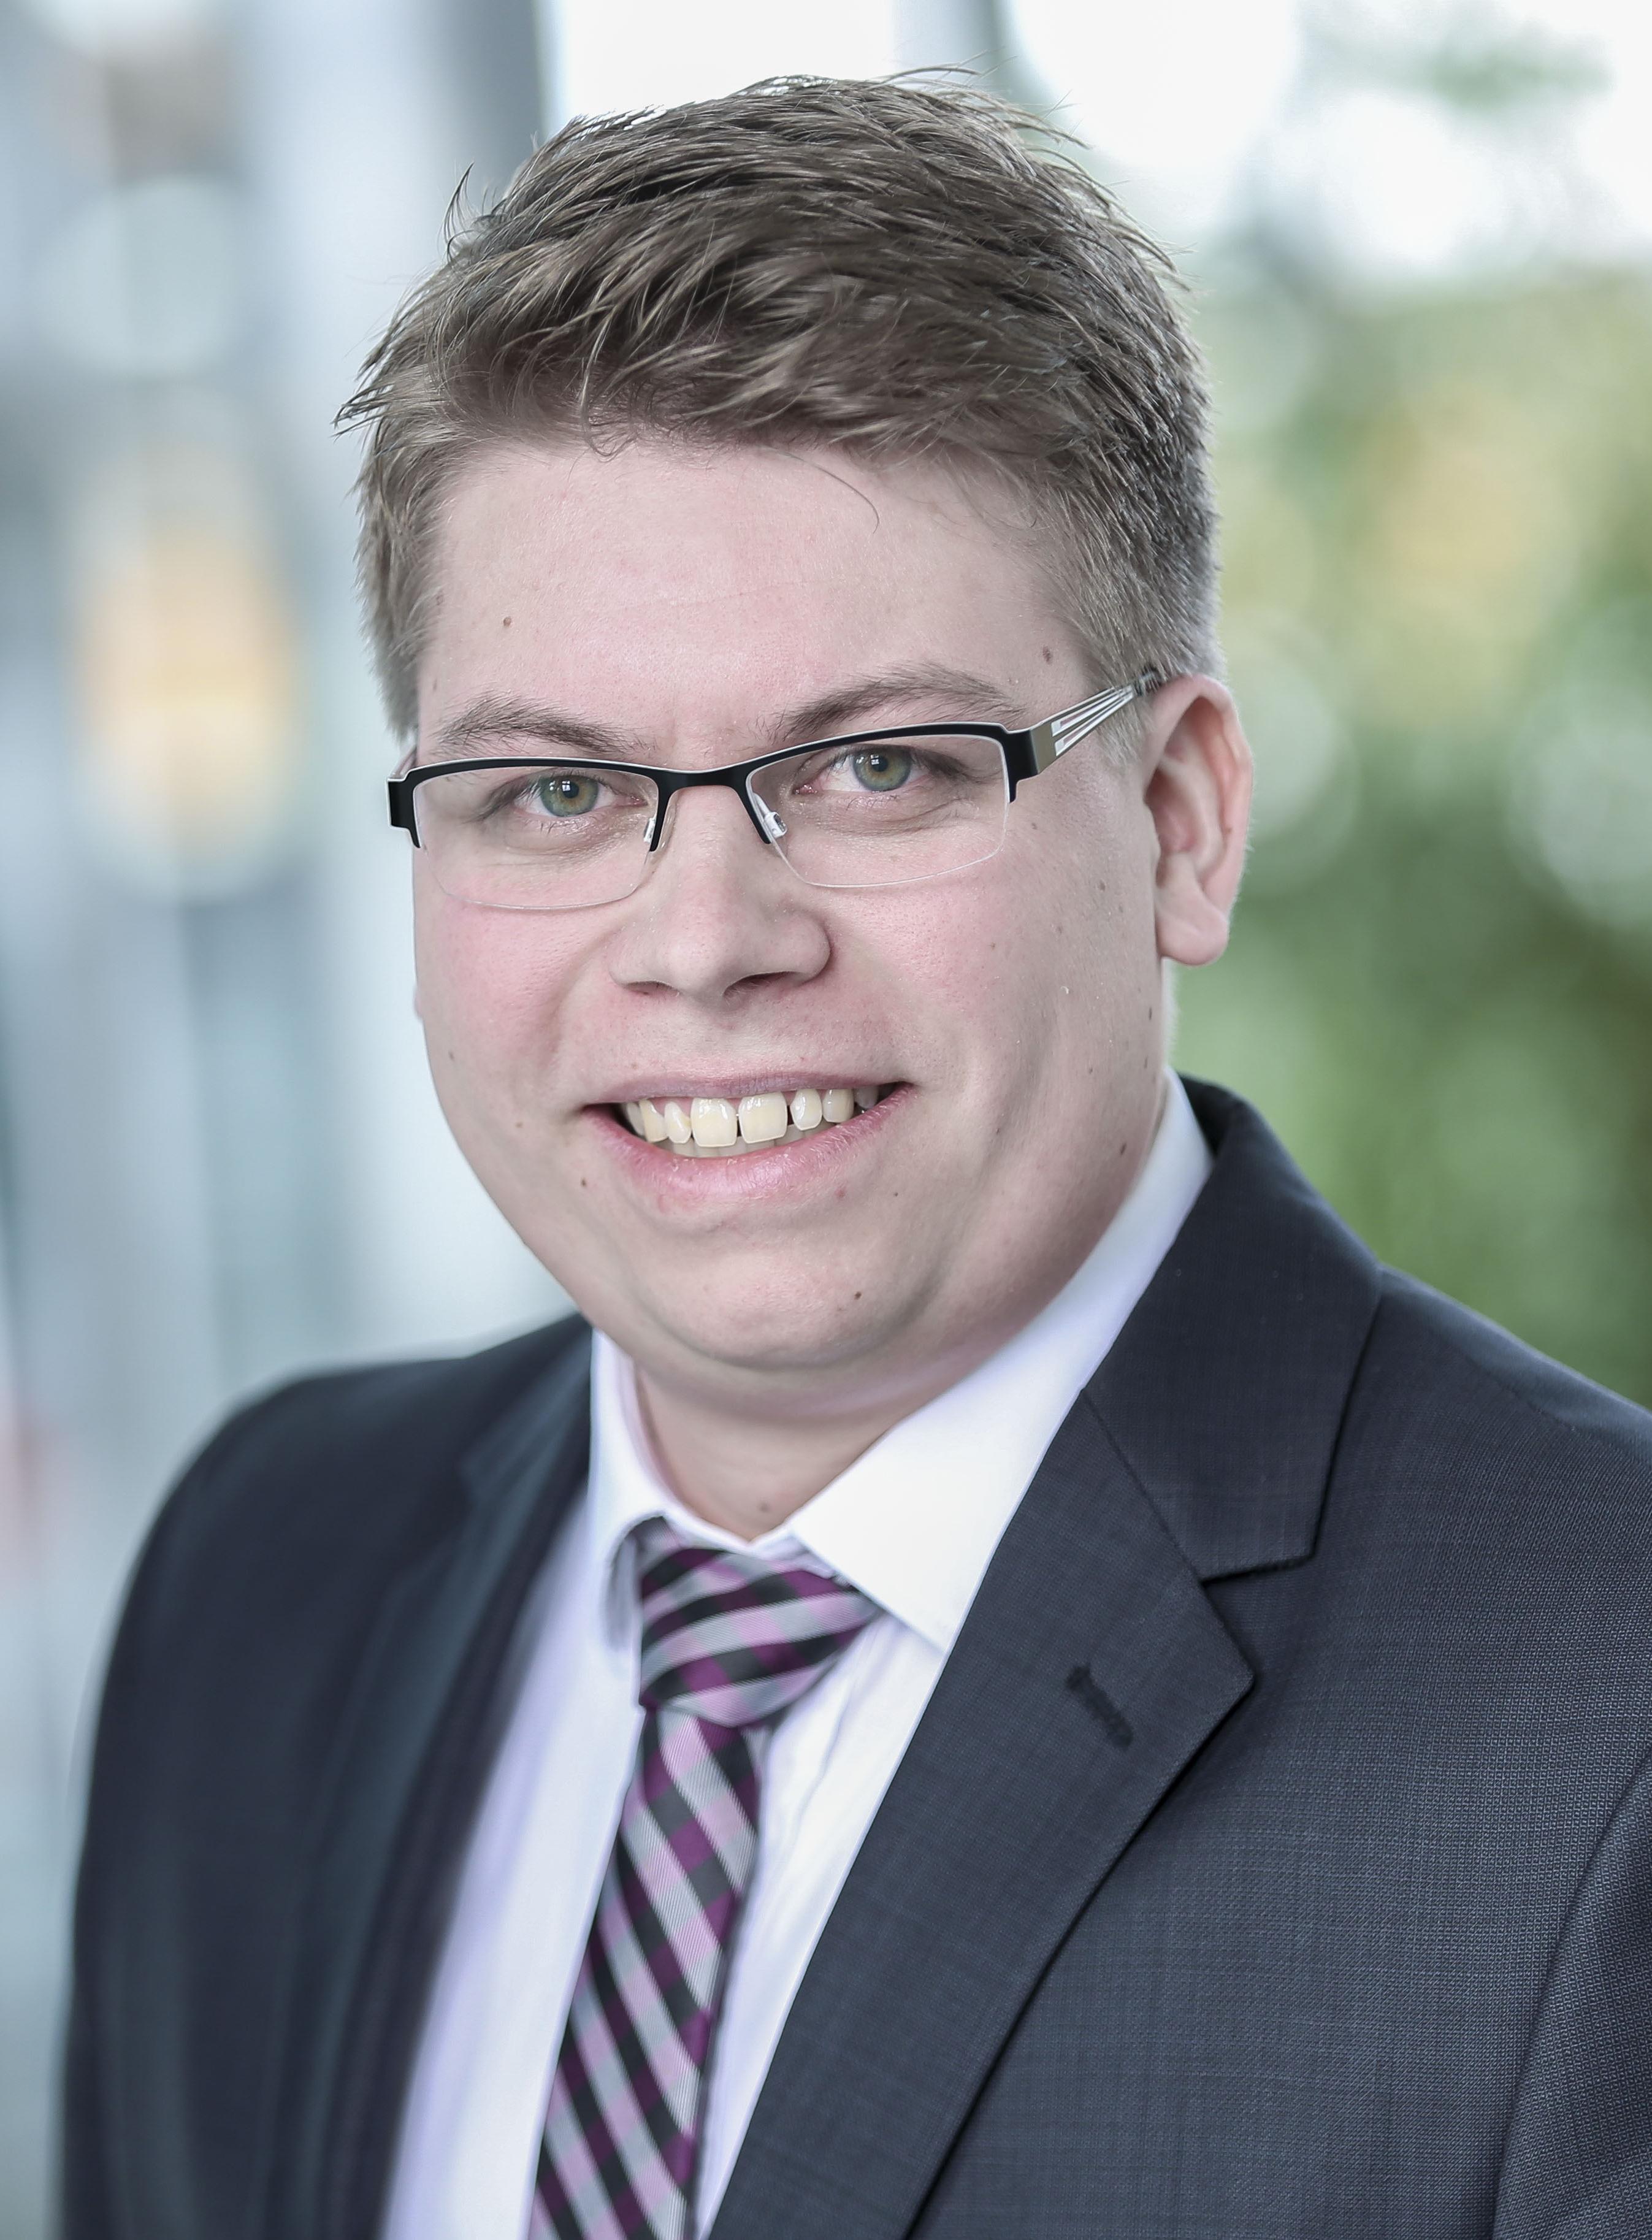 Christian Ritter